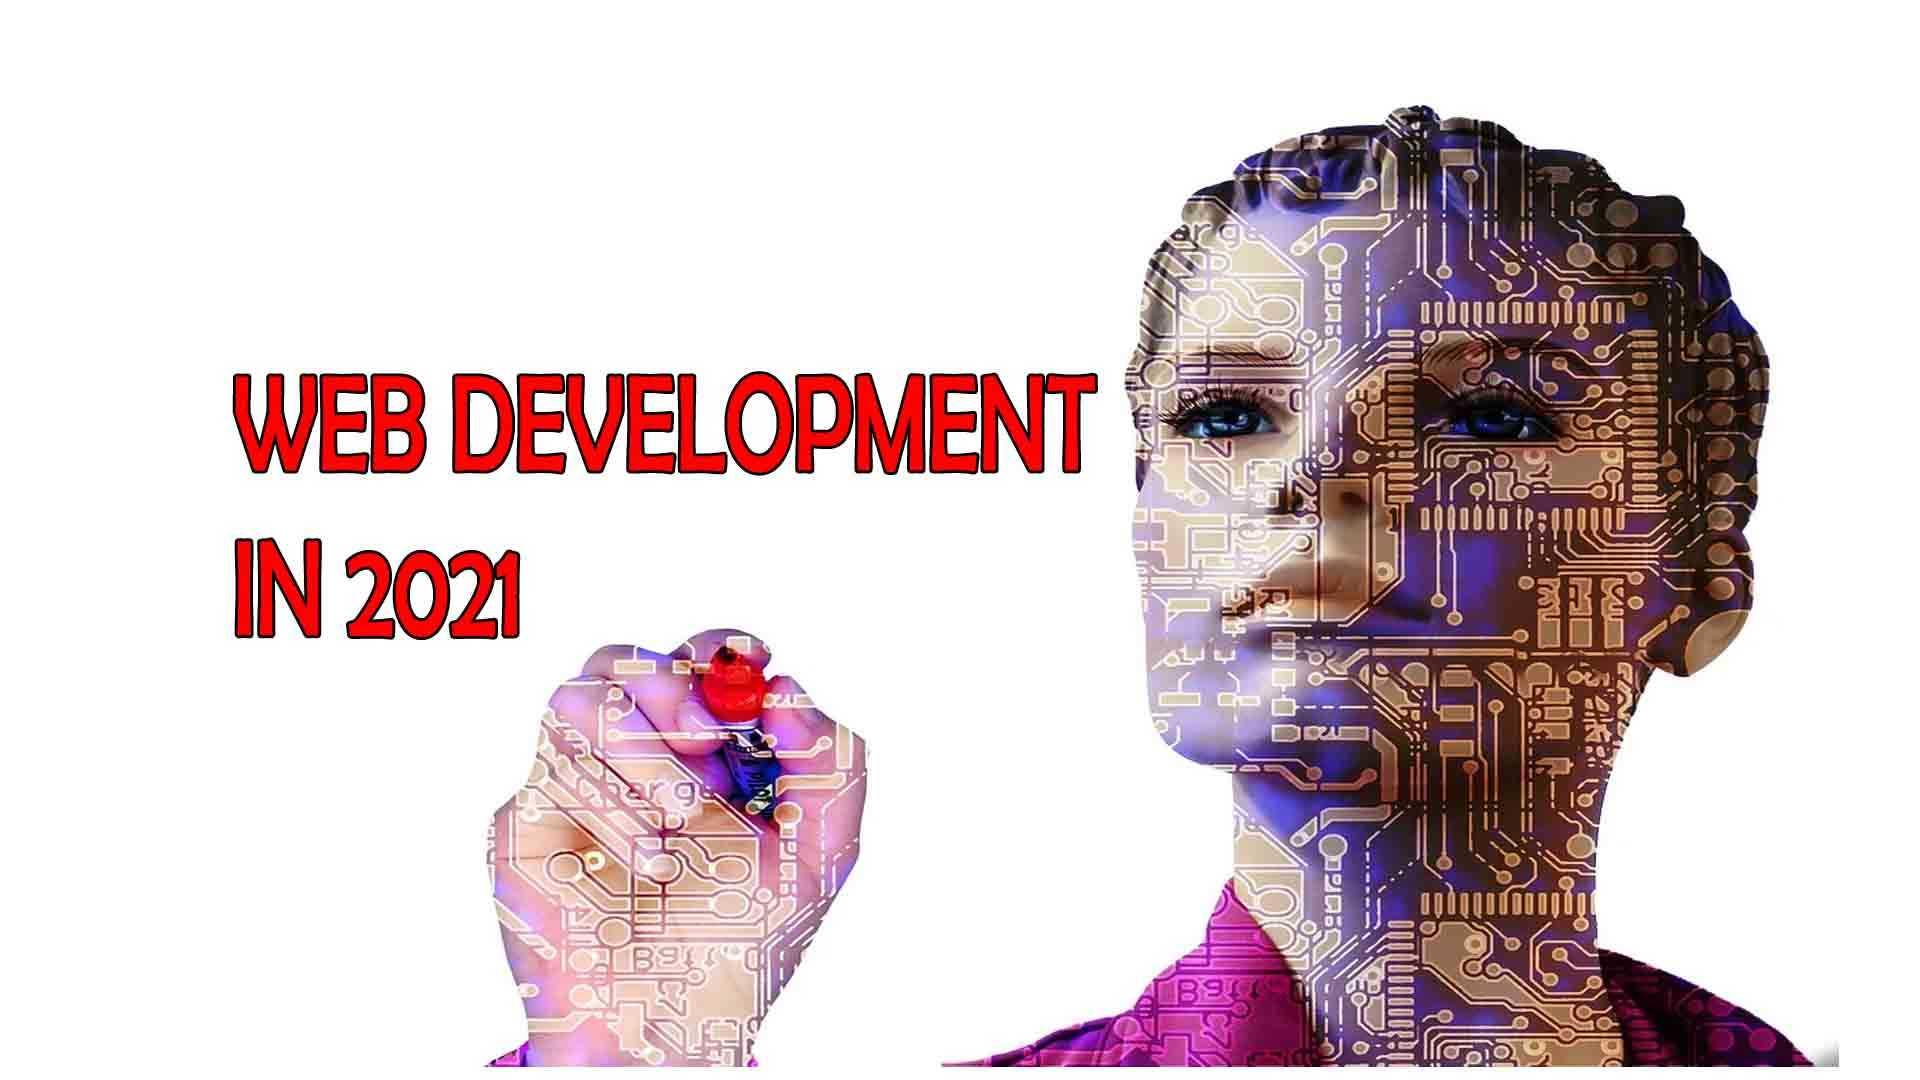 web development in 2021